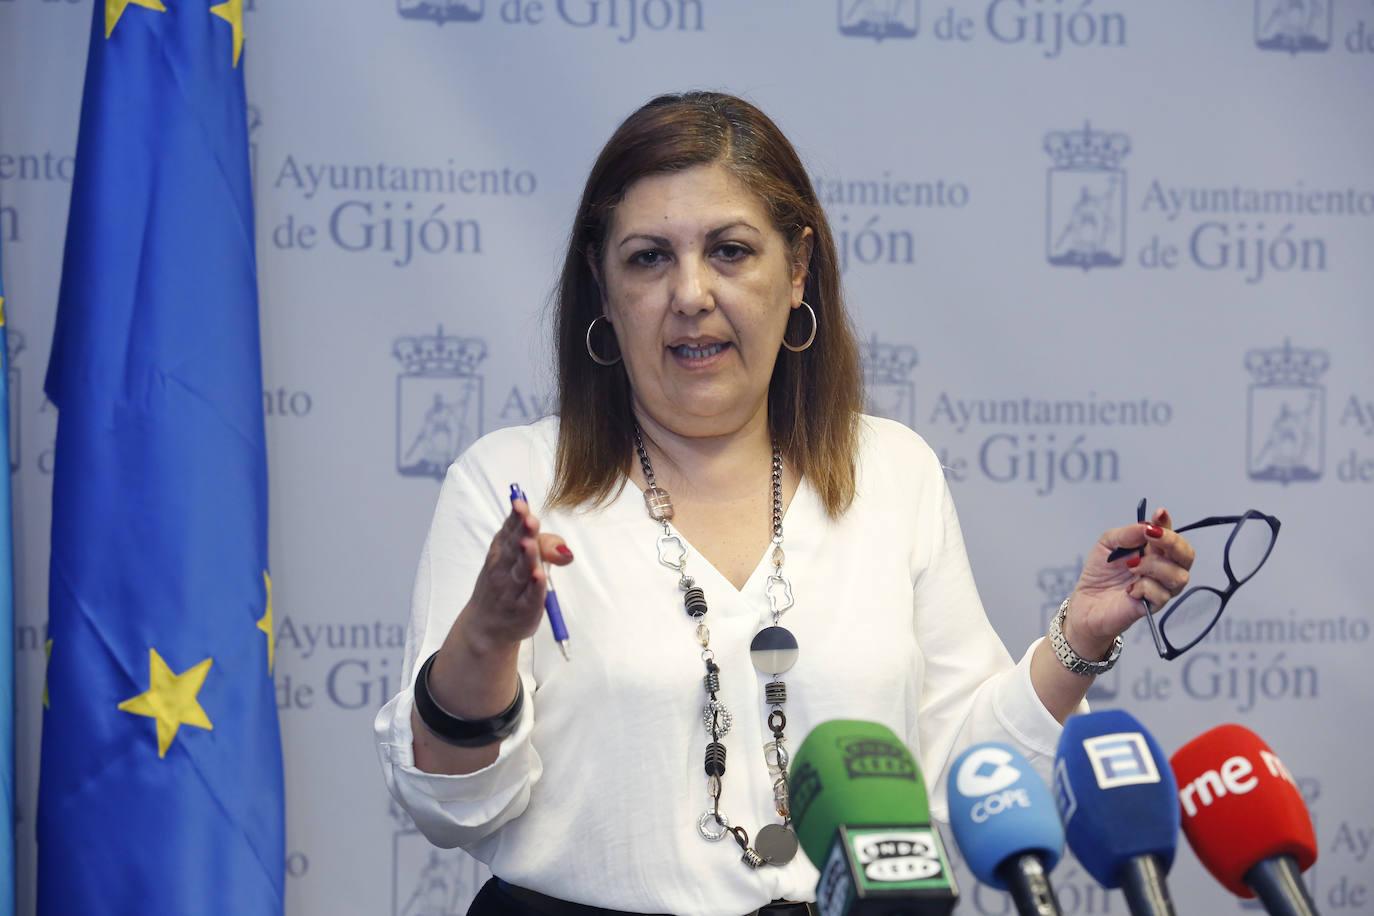 Gijón prevé destinar 1,3 millones a inversiones financieramente sostenibles